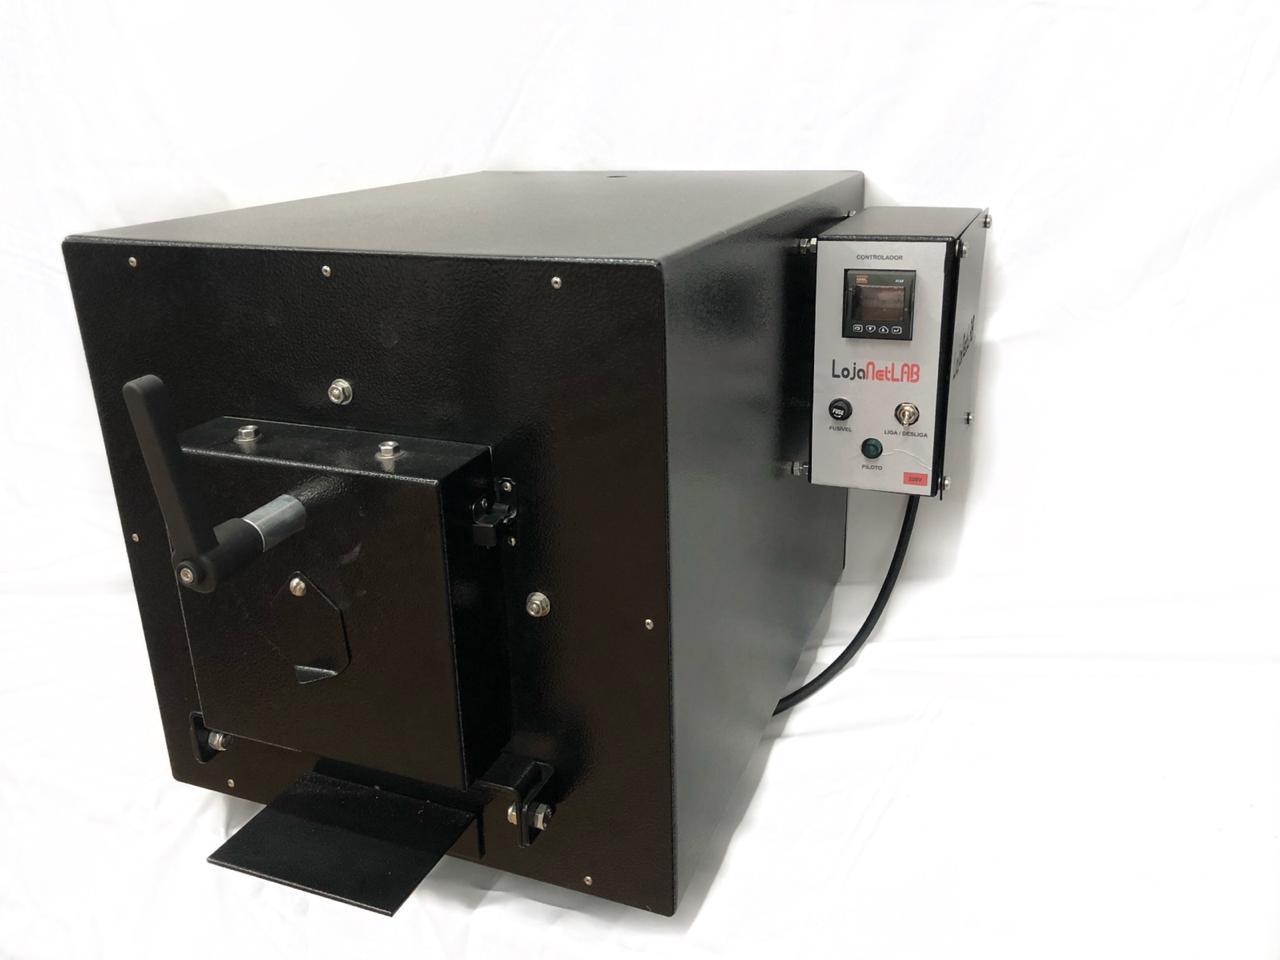 FORNO MUFLA DIGITAL COM RAMPAS E PATAMARES TEMPERATURA MÁXIMA 1200°C 220V